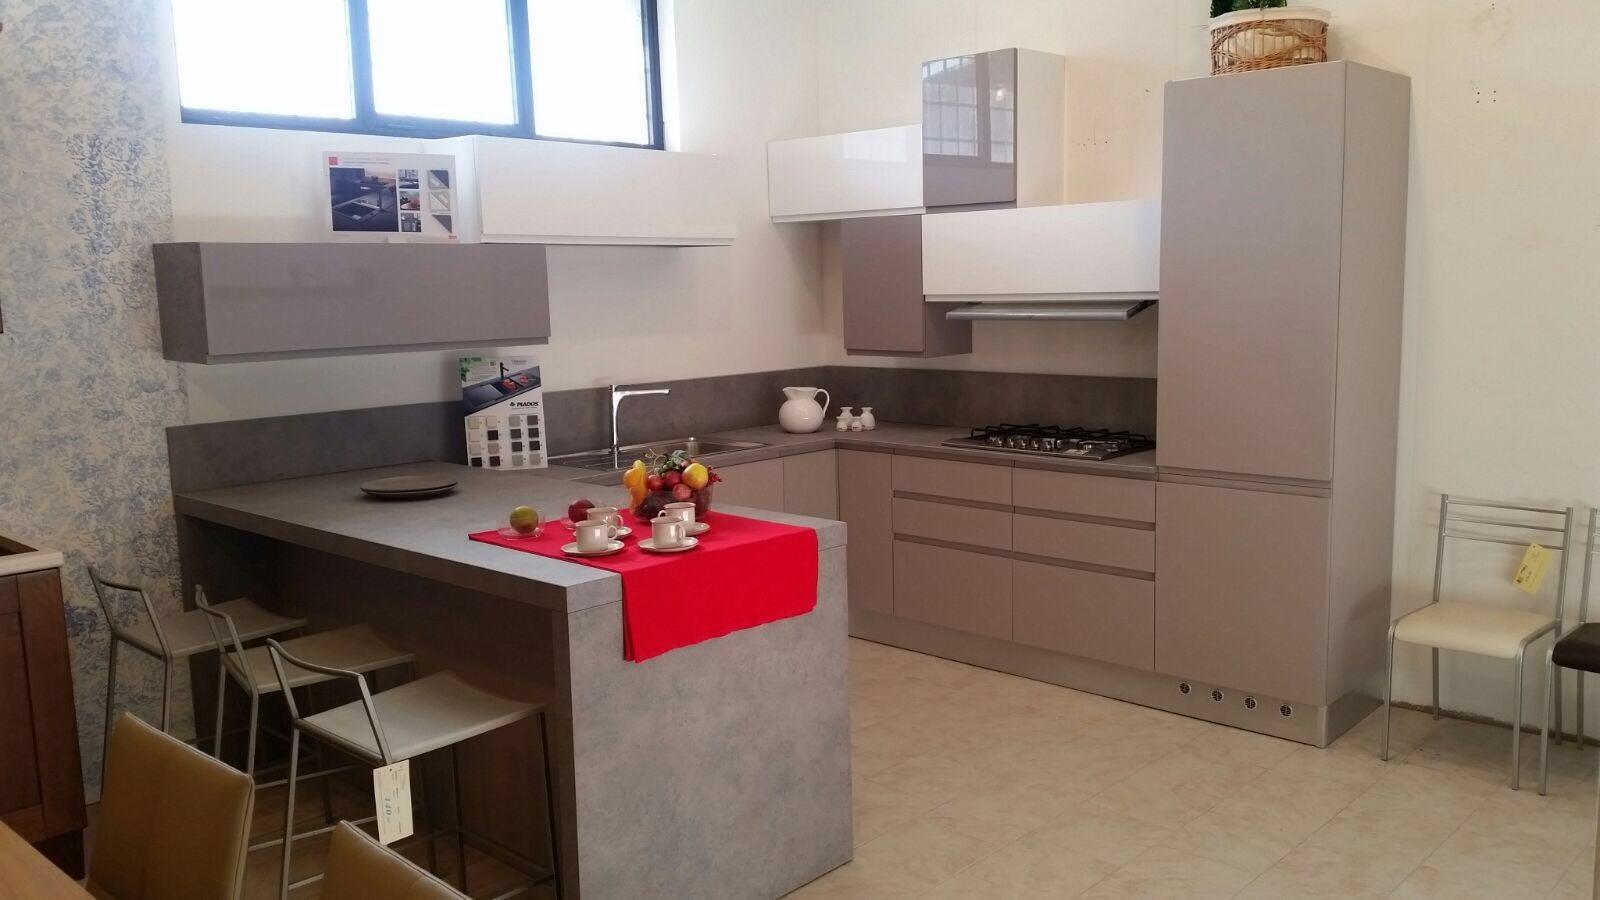 Cucine Abruzzo. Grata Legno Balcone Migliori In Abruzzo. Consigliato ...